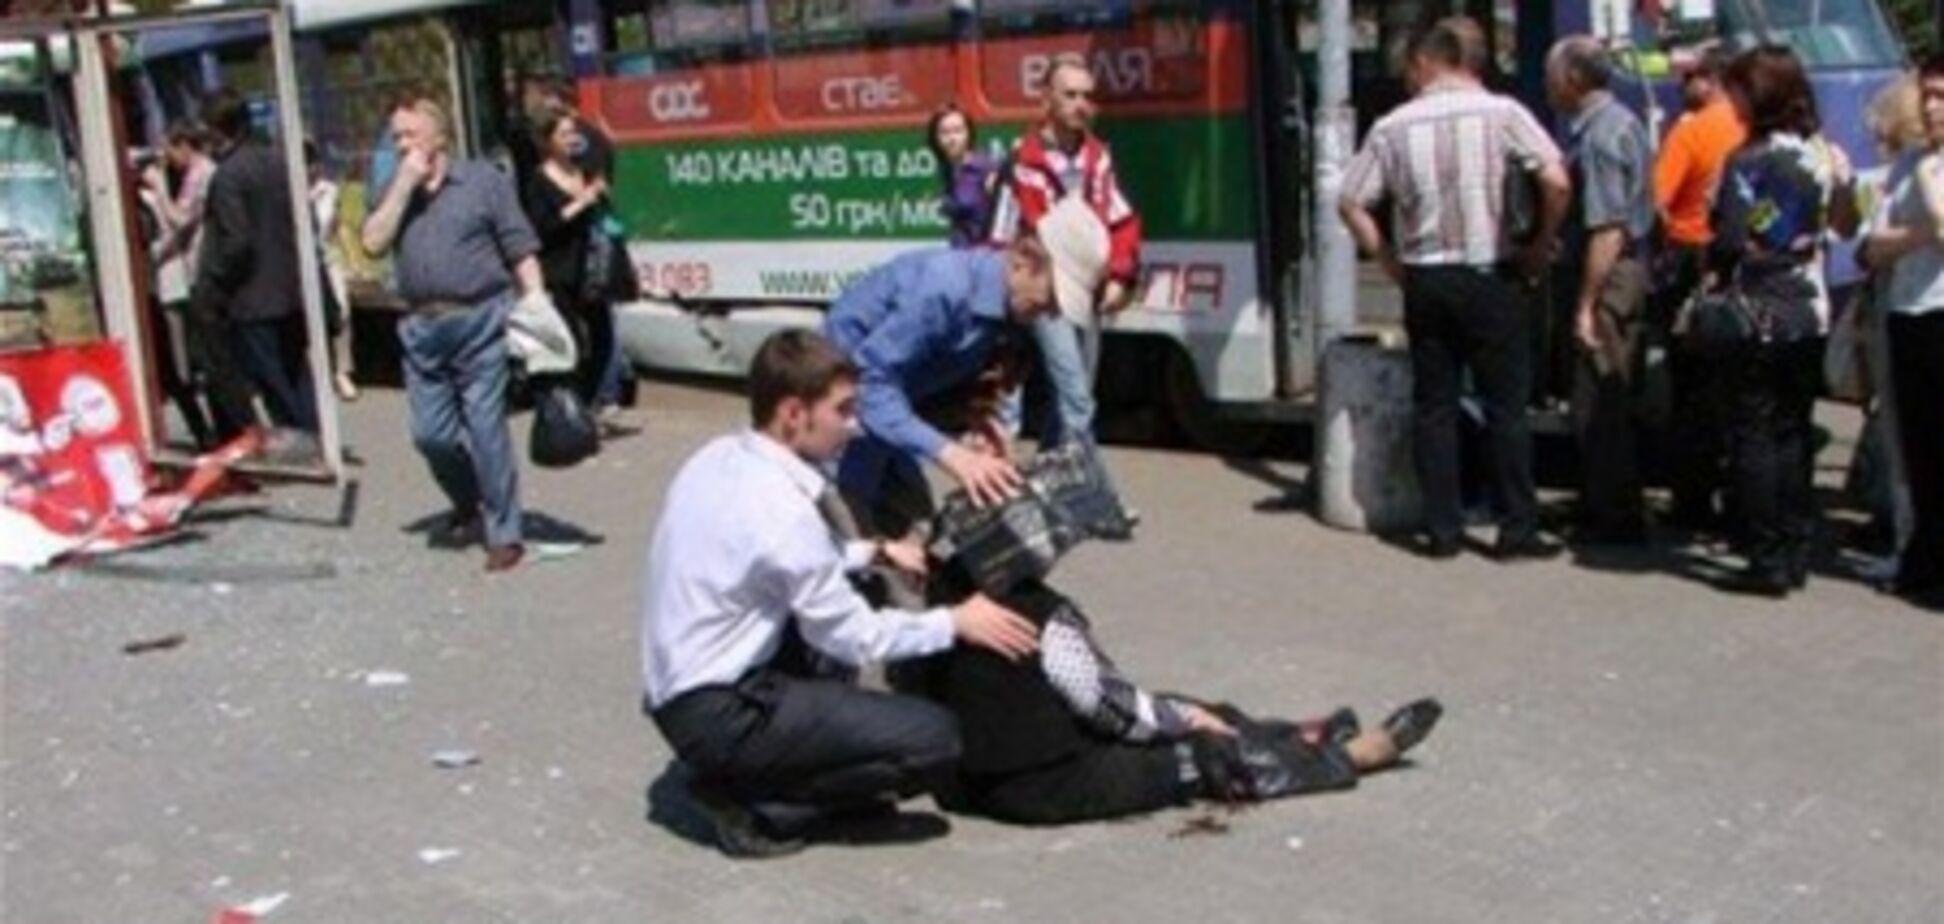 Теракты в Днепропетровске: в больницах остаются 22 пострадавших